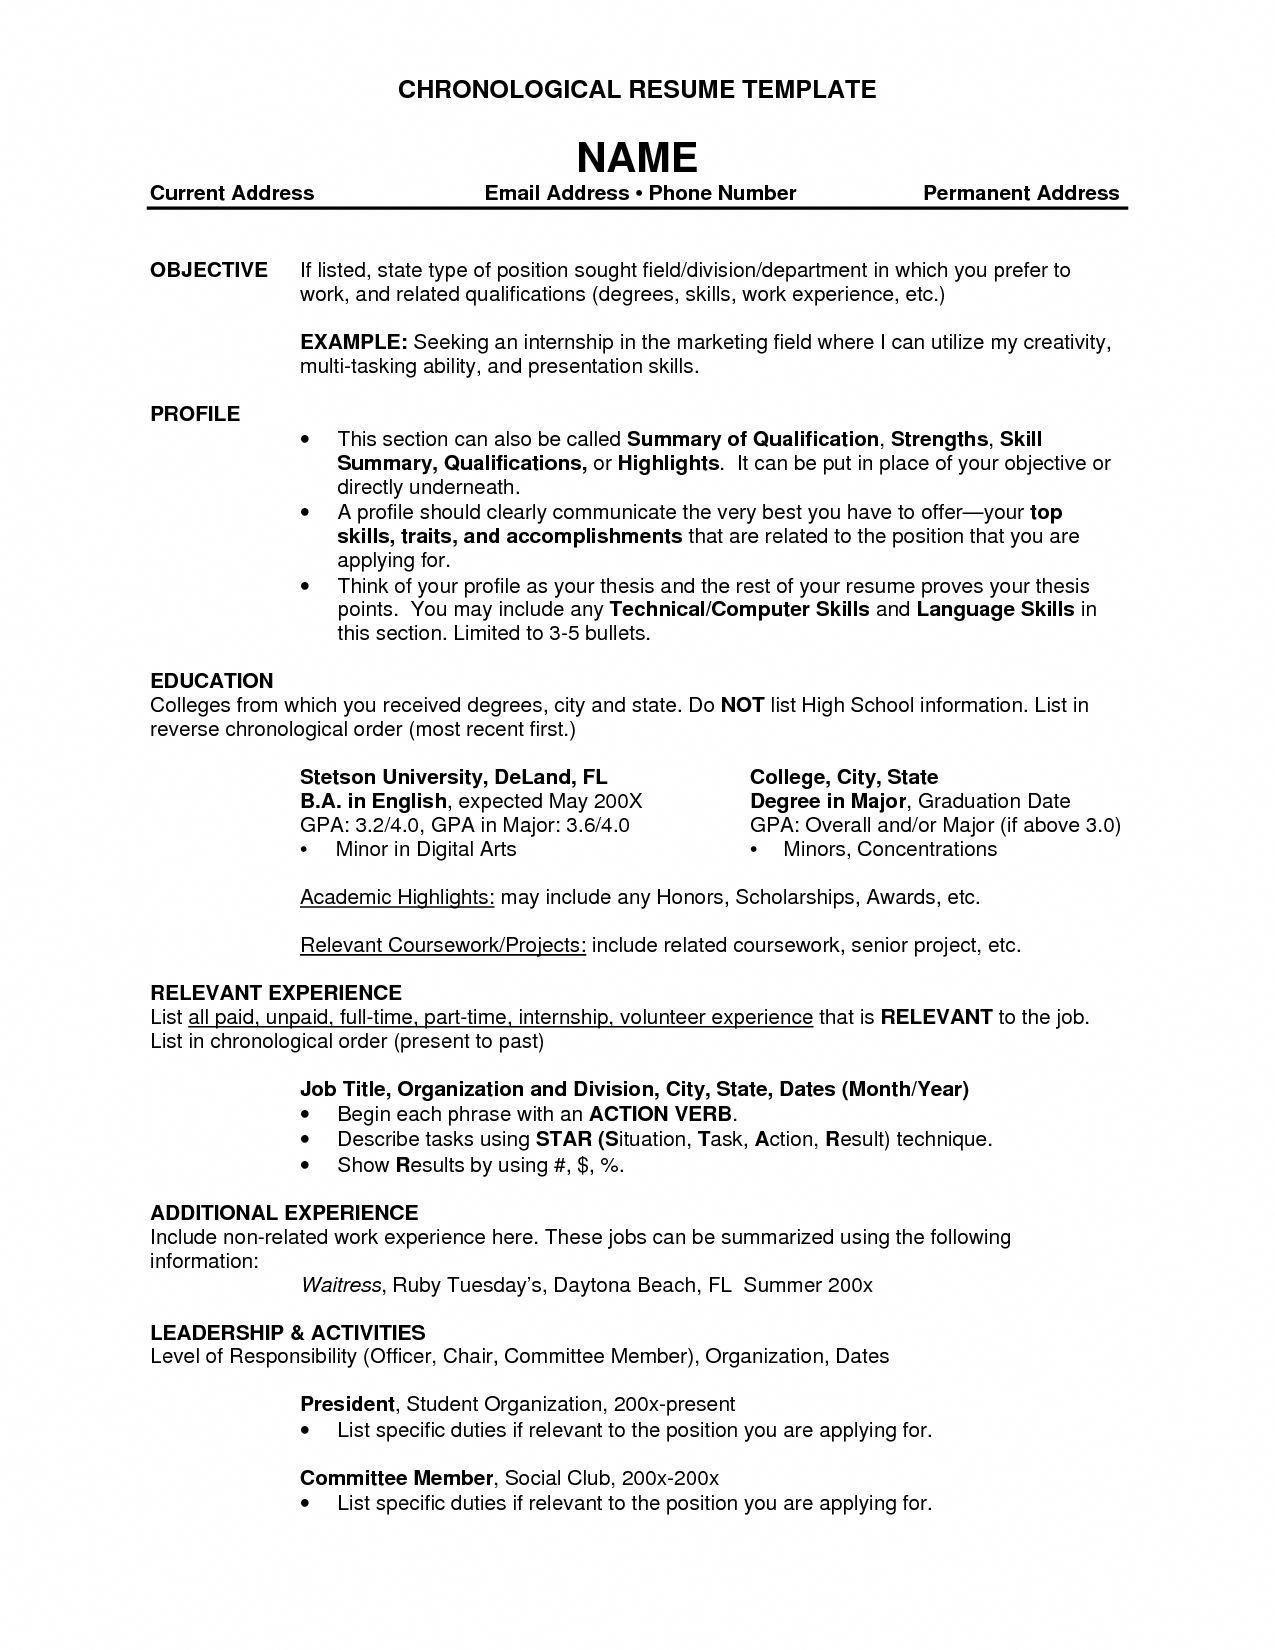 Resume Templates Tamu ResumeTemplates